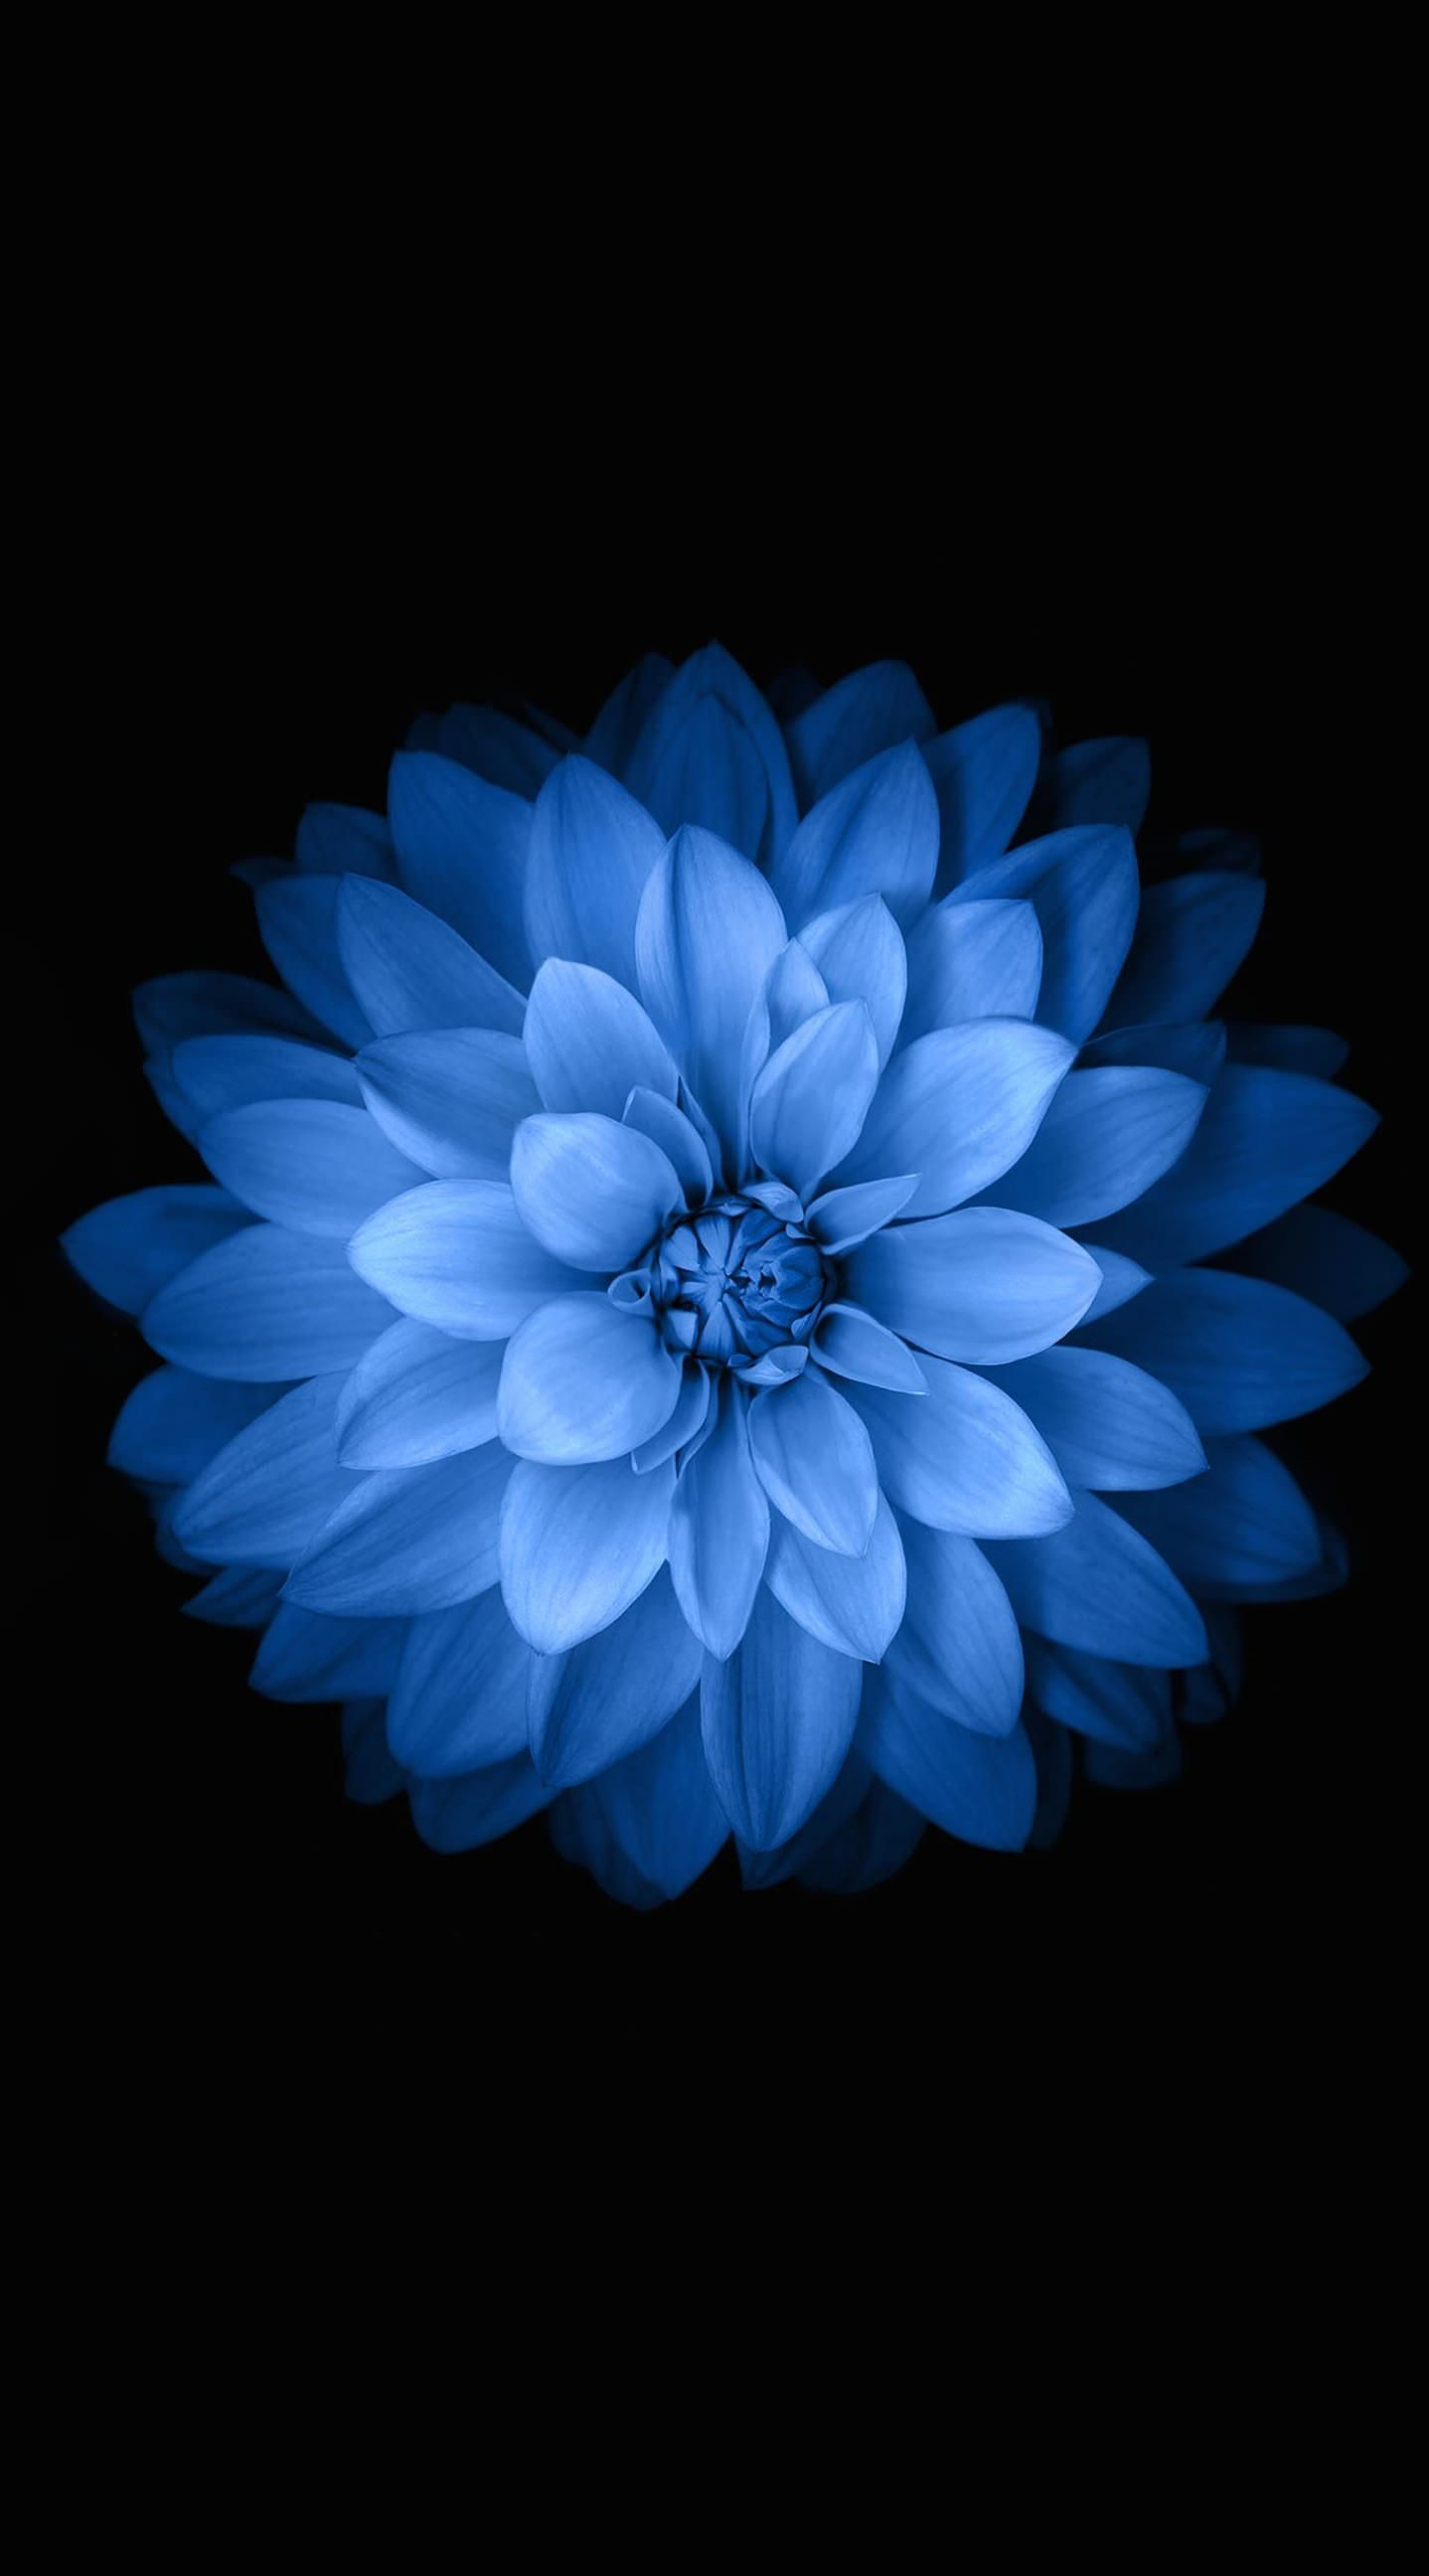 Iphone Flower Wallpaper Flower iphone wallpaper, Blue